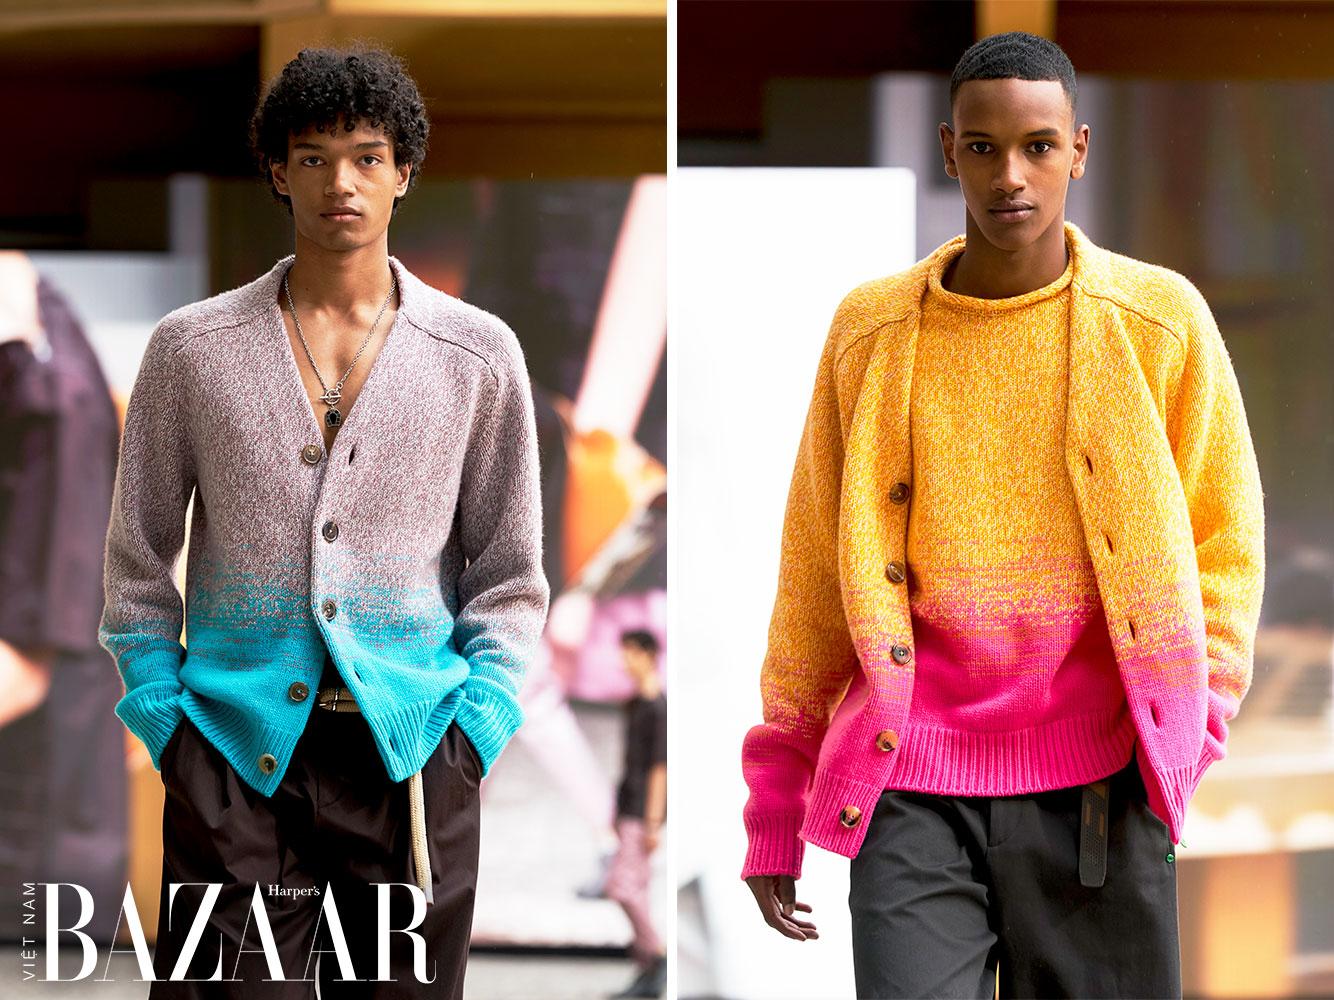 Tinh thần lạc quan bùng nổ trong BST Hermès Men Xuân Hè 2022, thể hiện qua những mẫu áo len cardigan gài cúc dệt ombré – chuyển màu từ cam sang hồng rực rỡ hay từ xám sang xanh ngọc sáng chói.